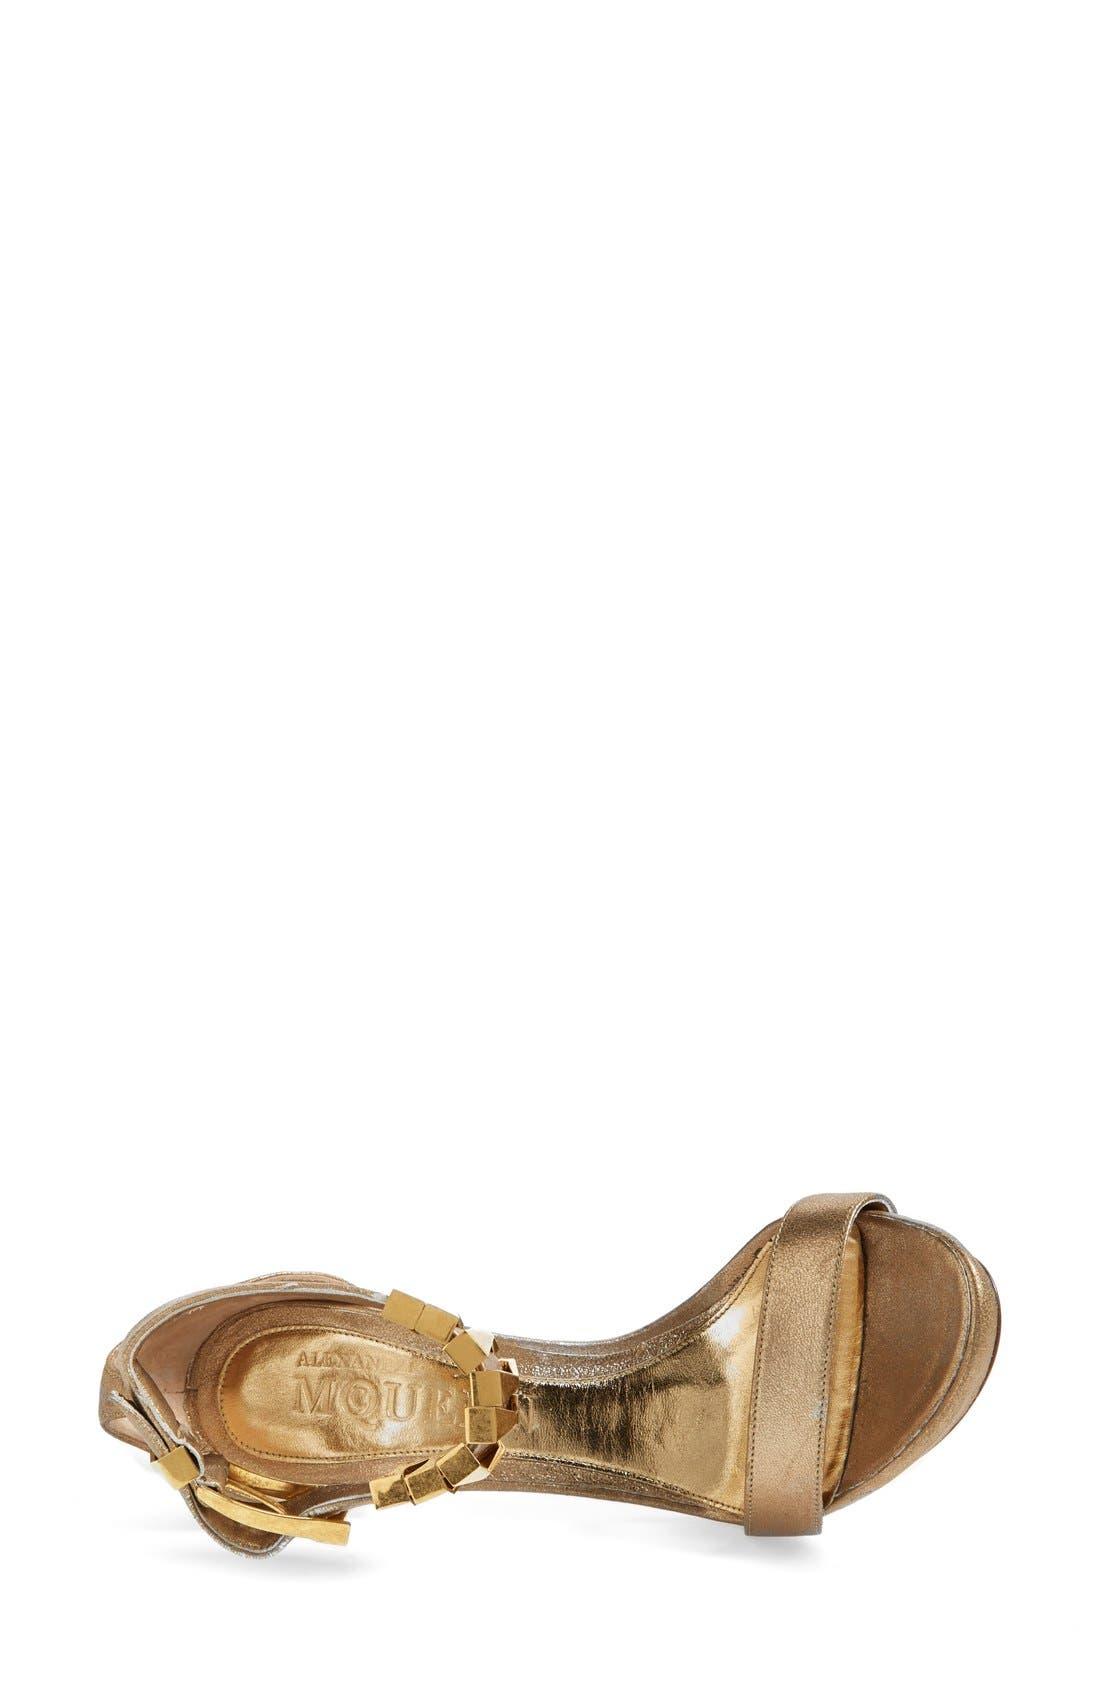 Alternate Image 3  - Alexander McQueen Metal Heel Sandal (Women)